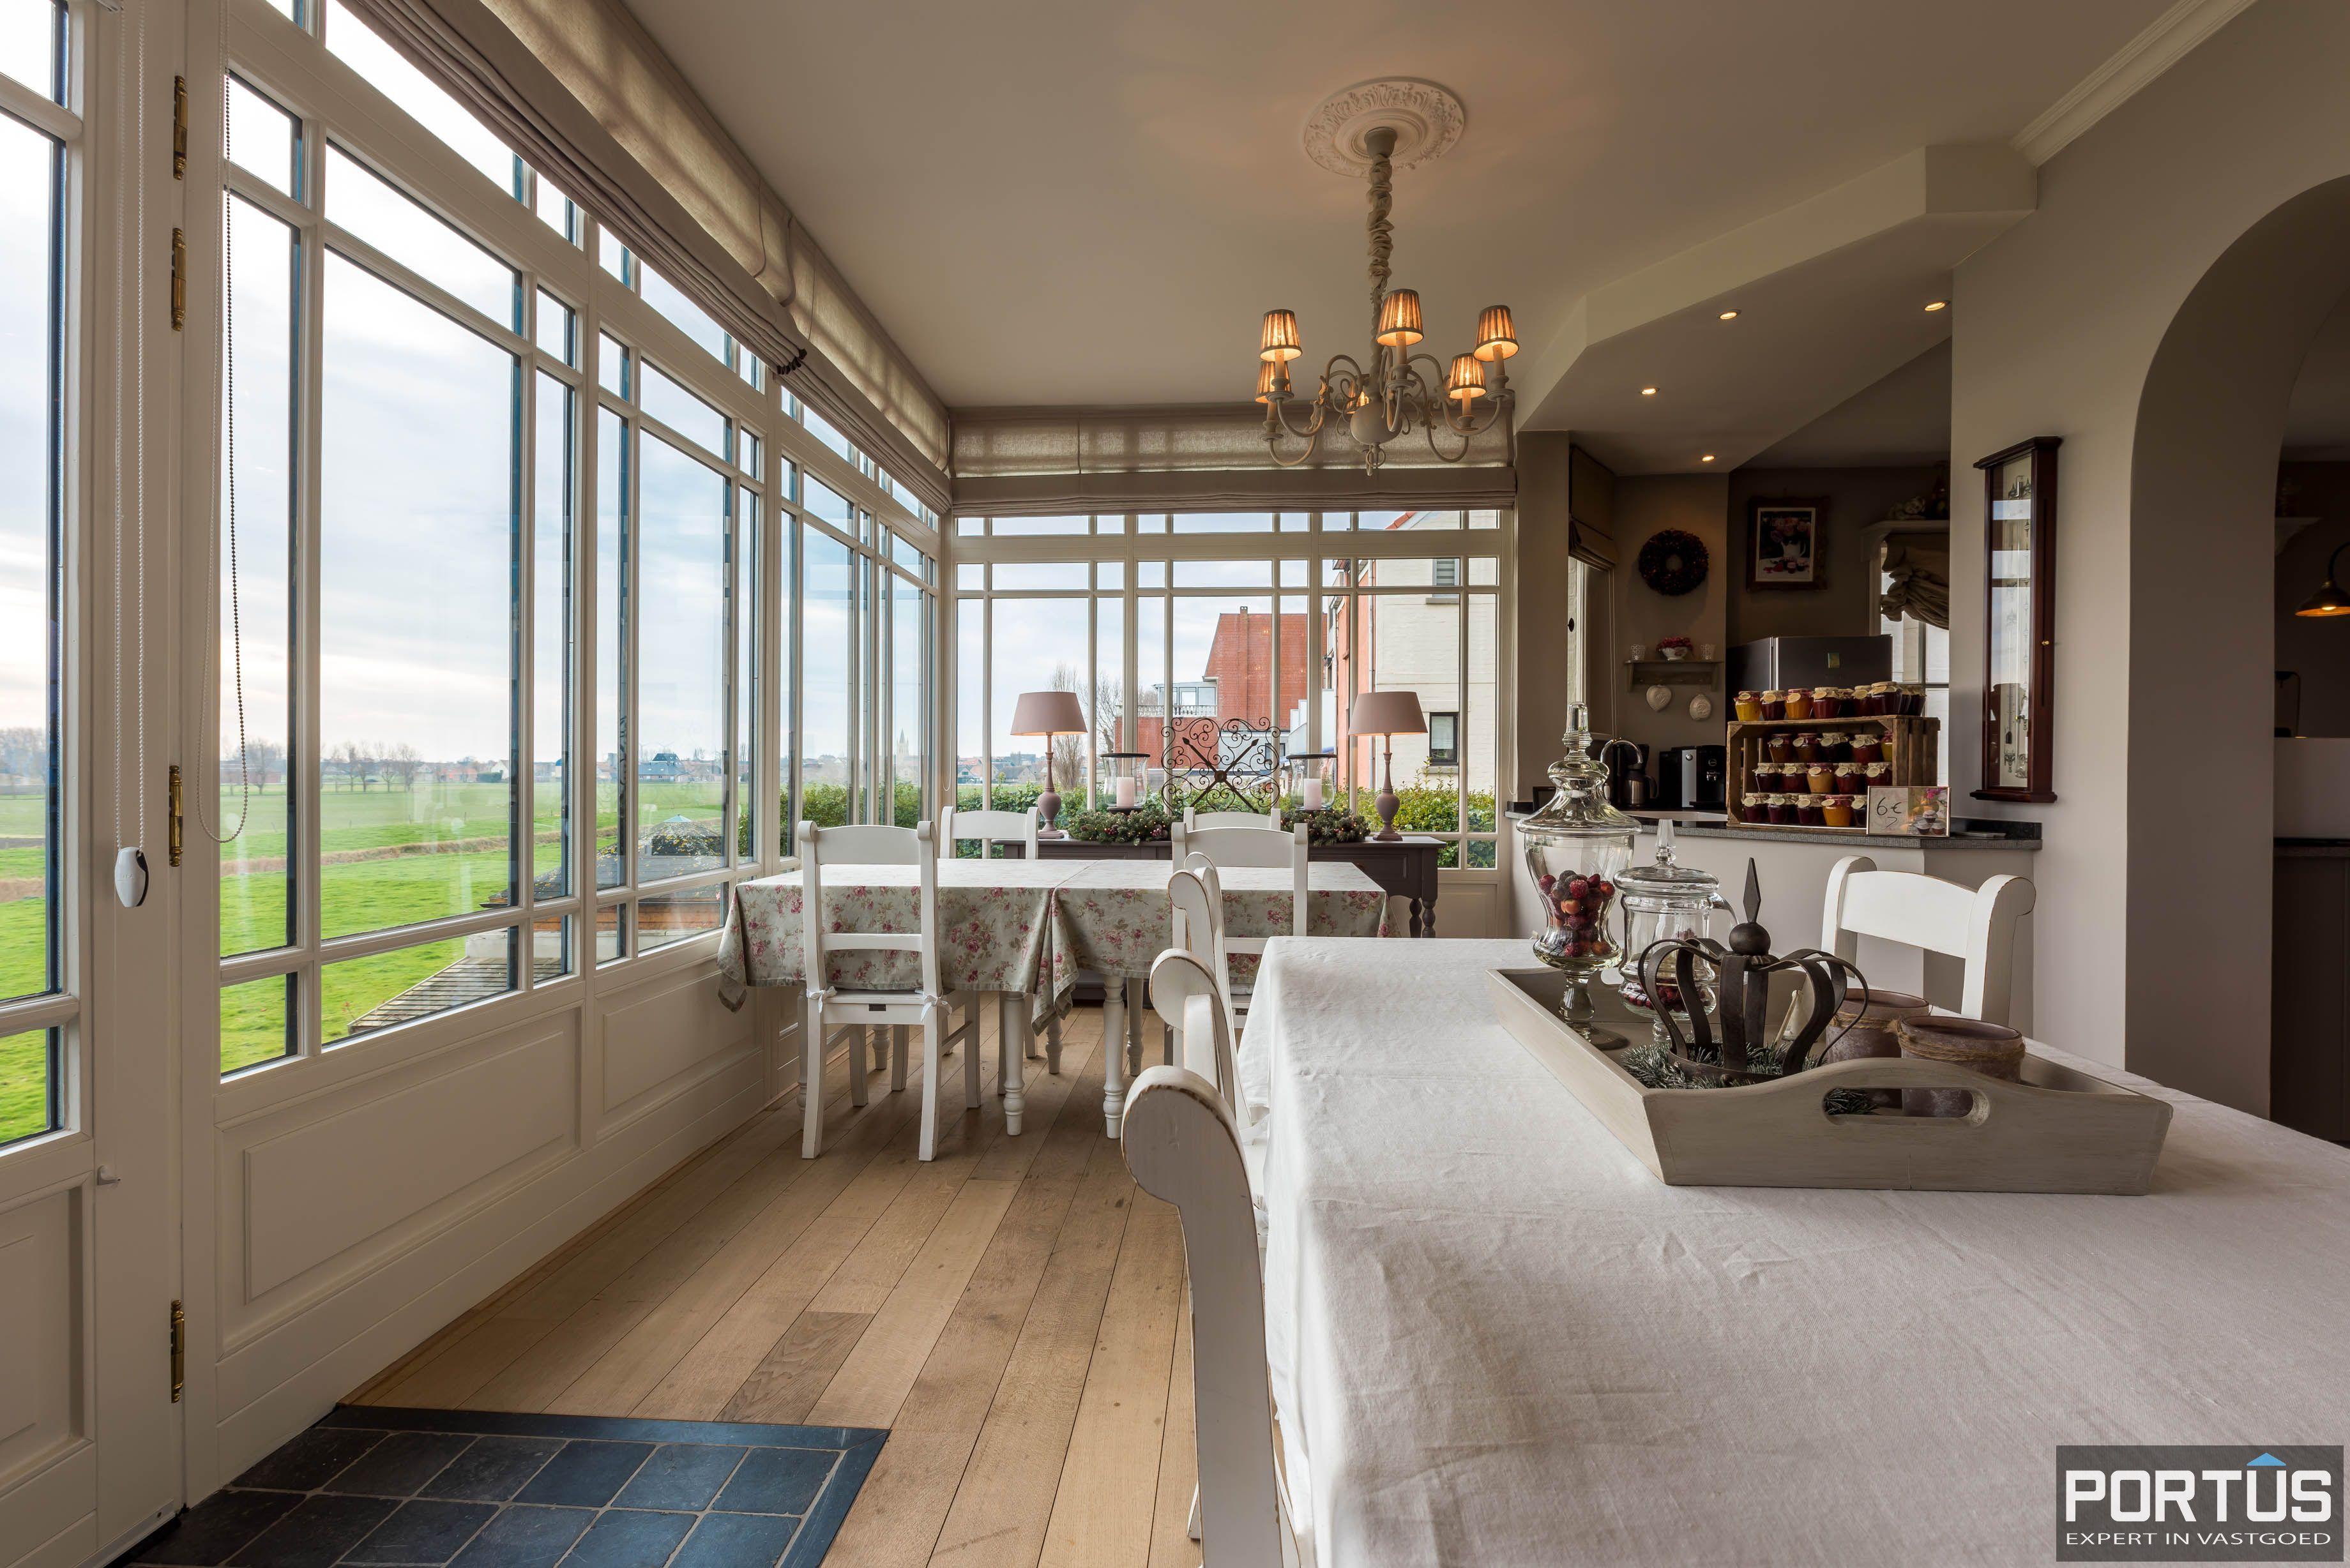 Villa/B&B te koop Westende met 6 slaapkamers - 5425